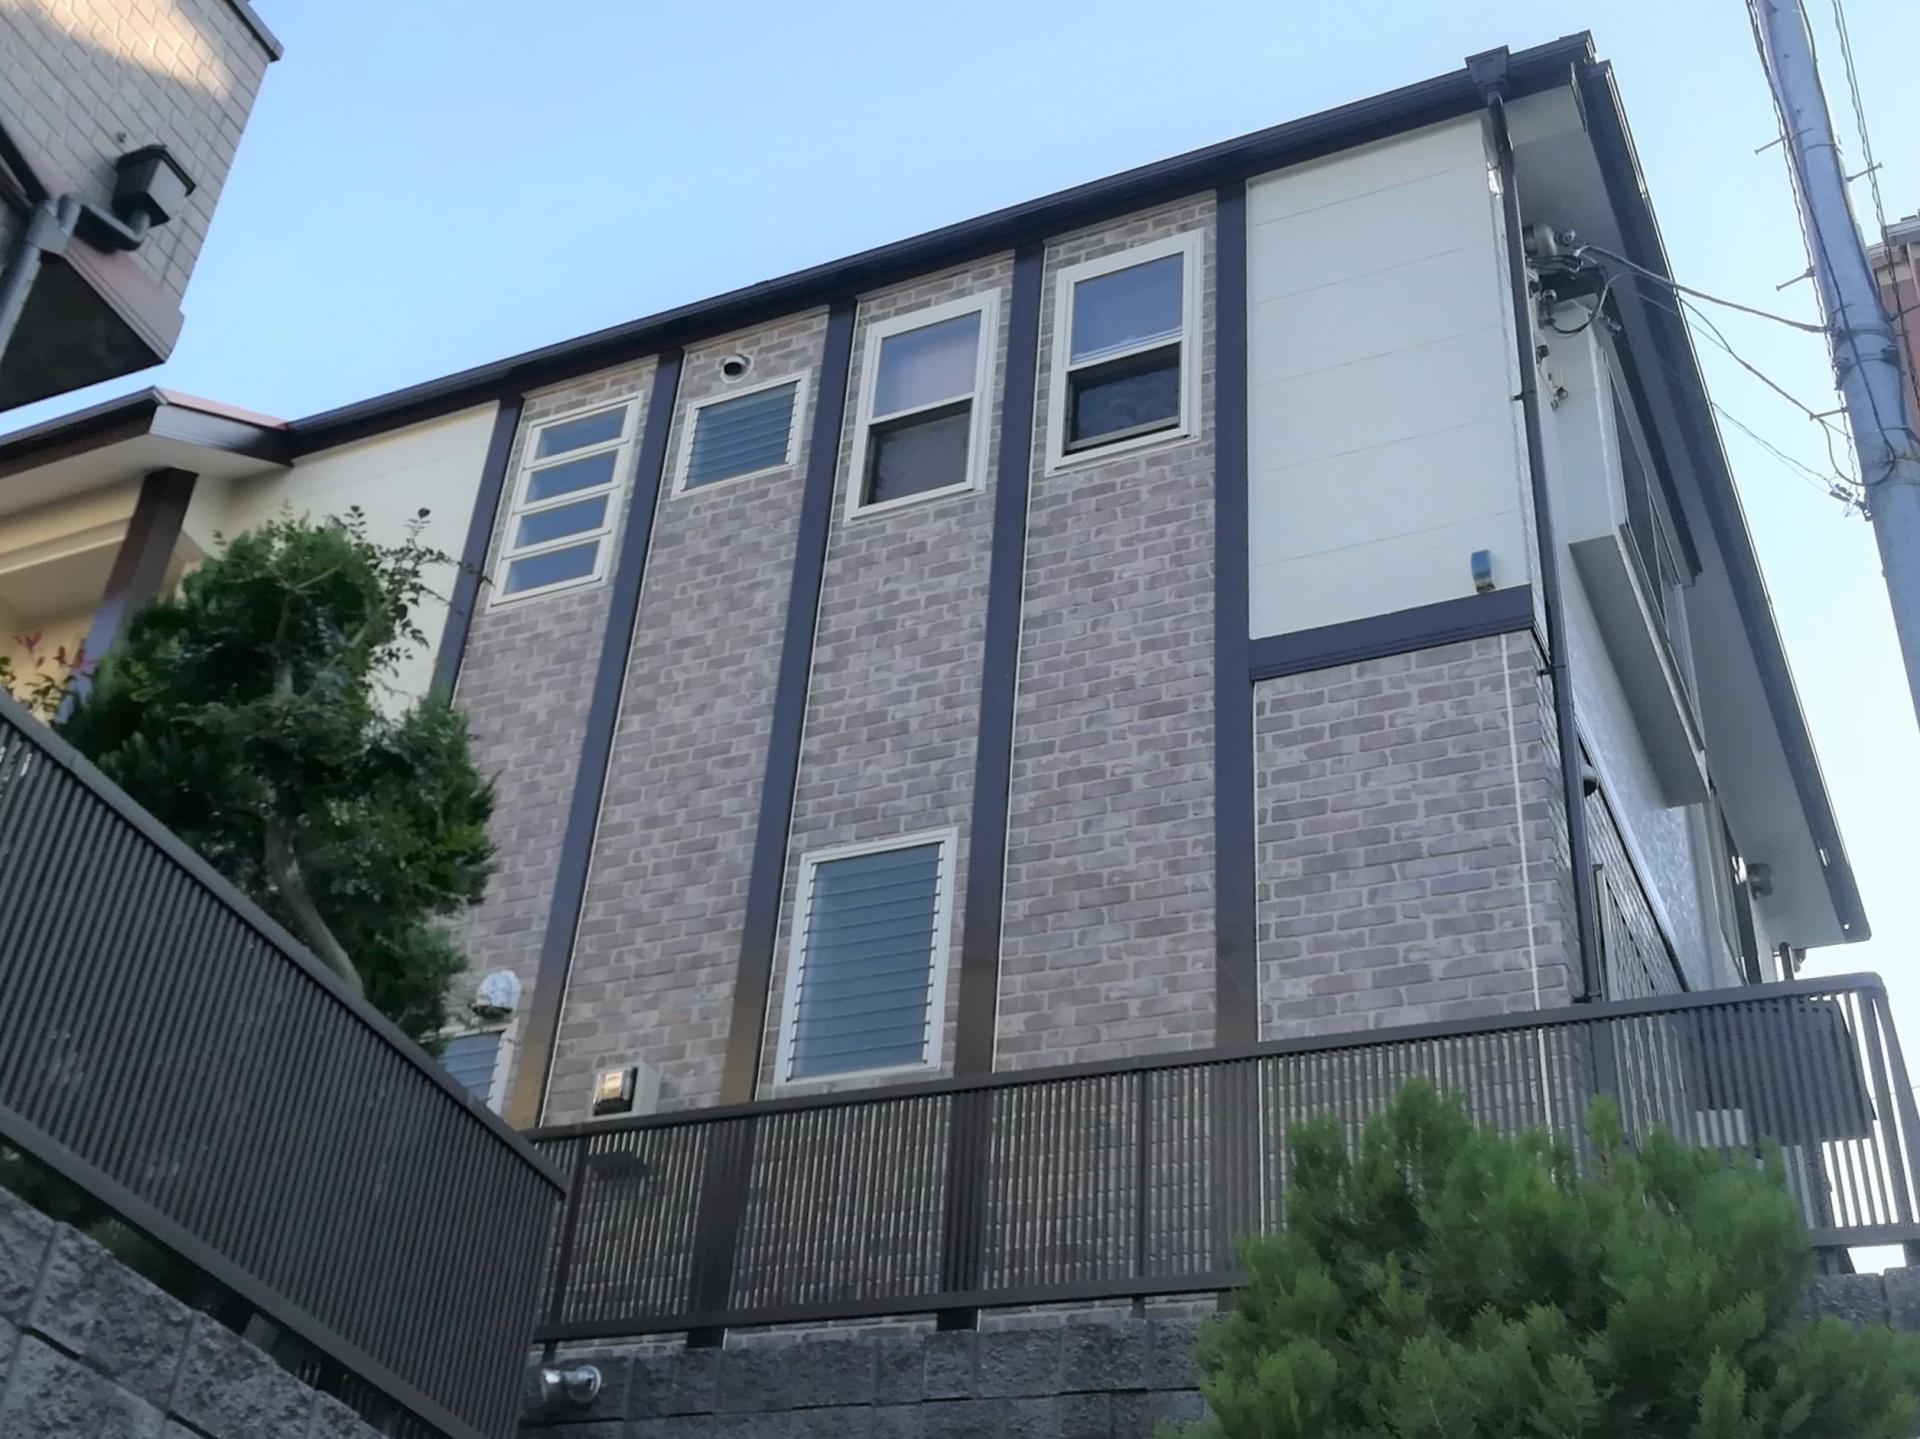 横浜市青葉区しらとり台にて屋根はローマオレンジ、外壁はクリヤー塗料と色付け塗料を使い分けての屋根外壁塗装工事、施工後写真